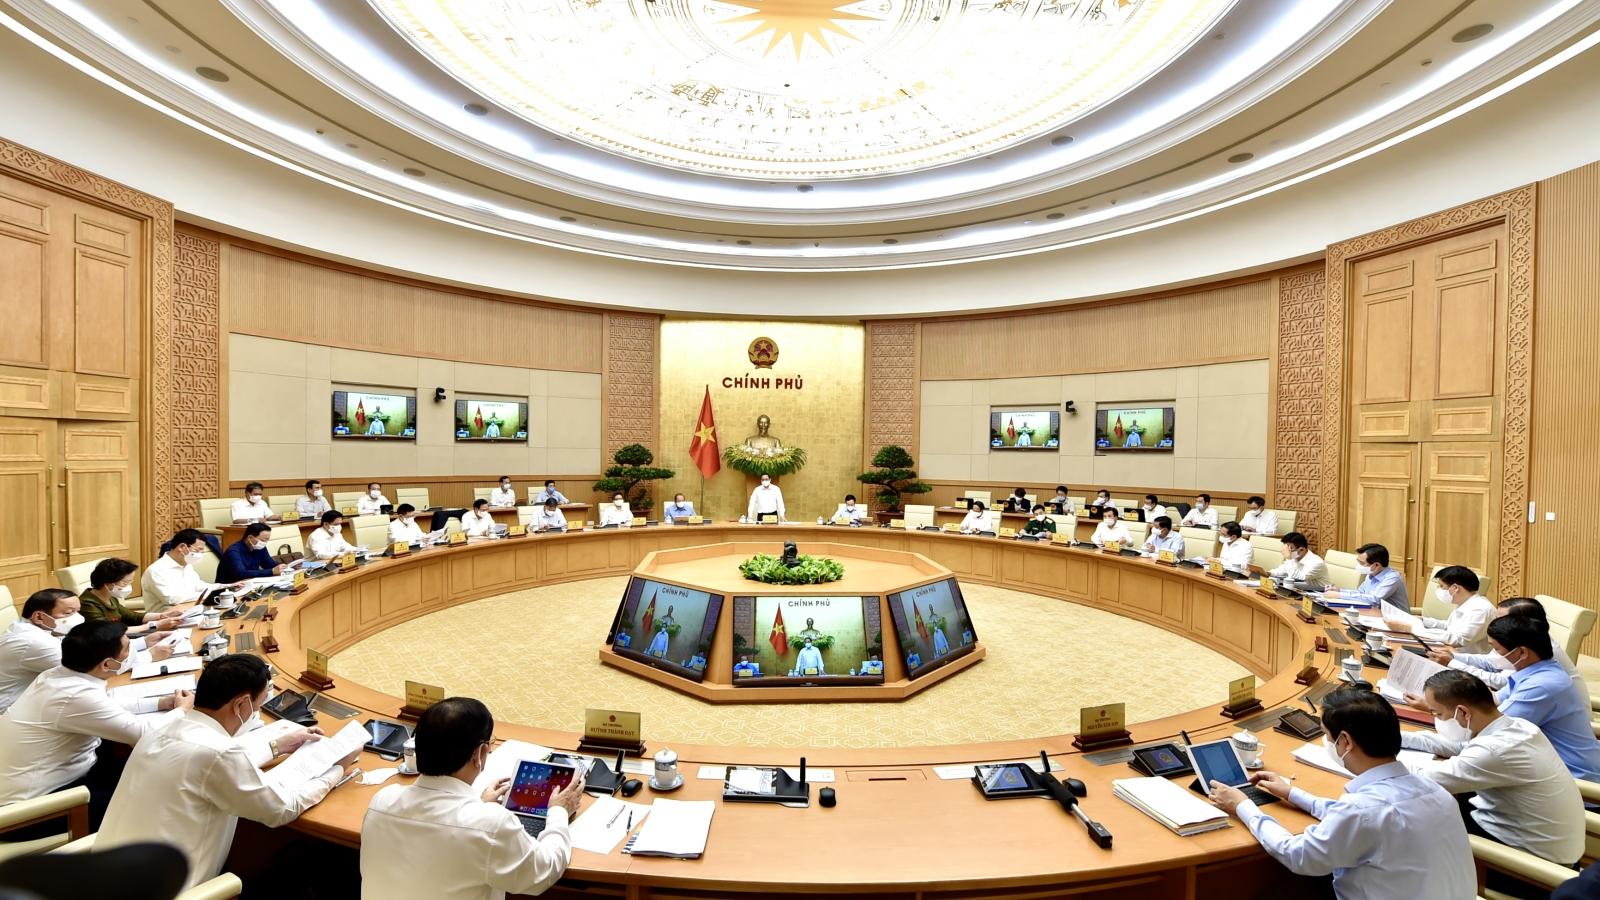 Chính phủ họp phiên thường kỳ: Xây dựng tiêu chuẩn quản lý, cá thể hoá trách nhiệm